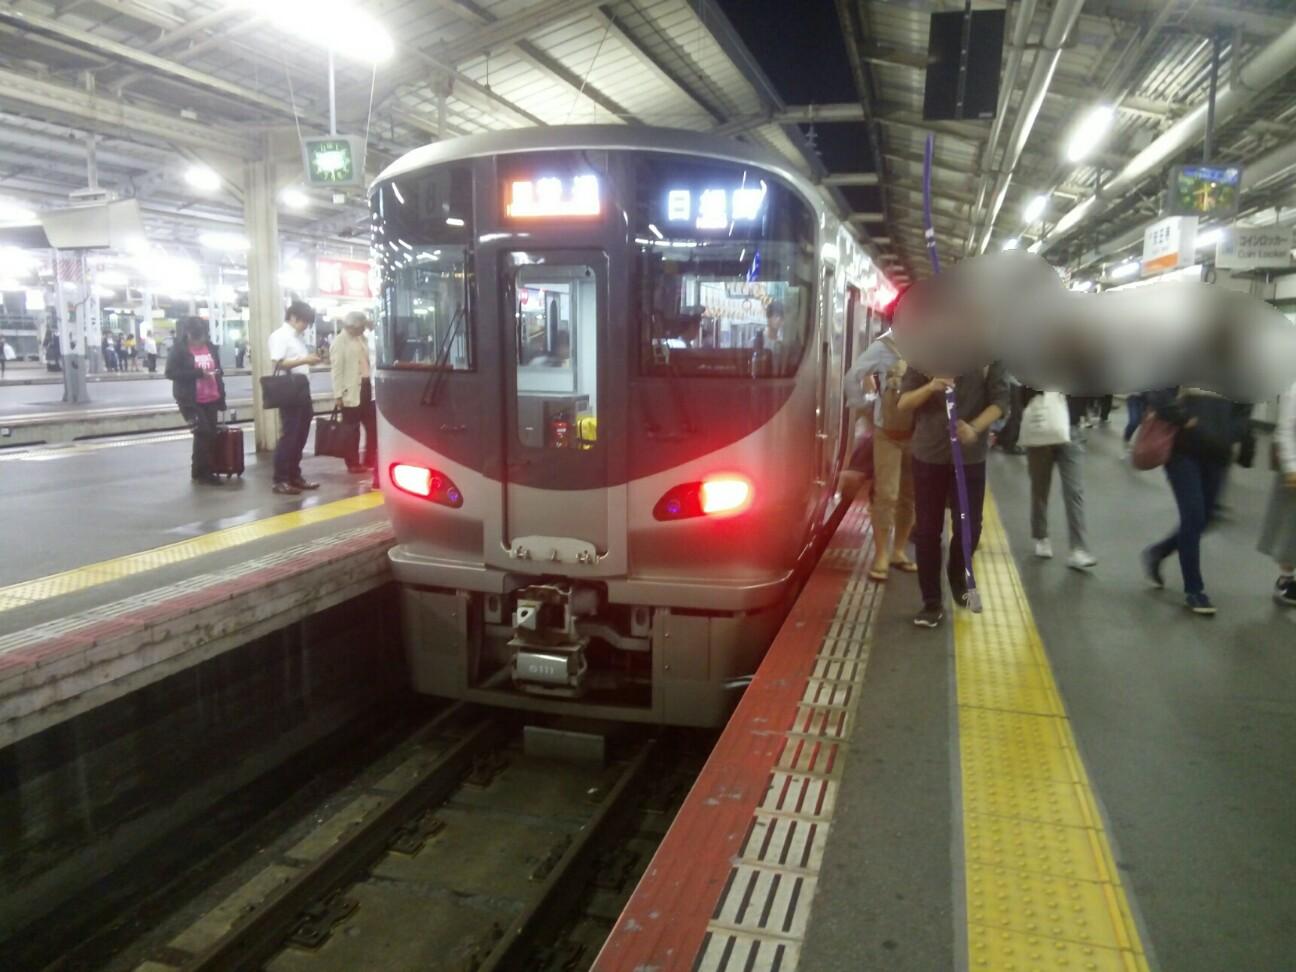 f:id:Osakaloopline:20170930231413j:image